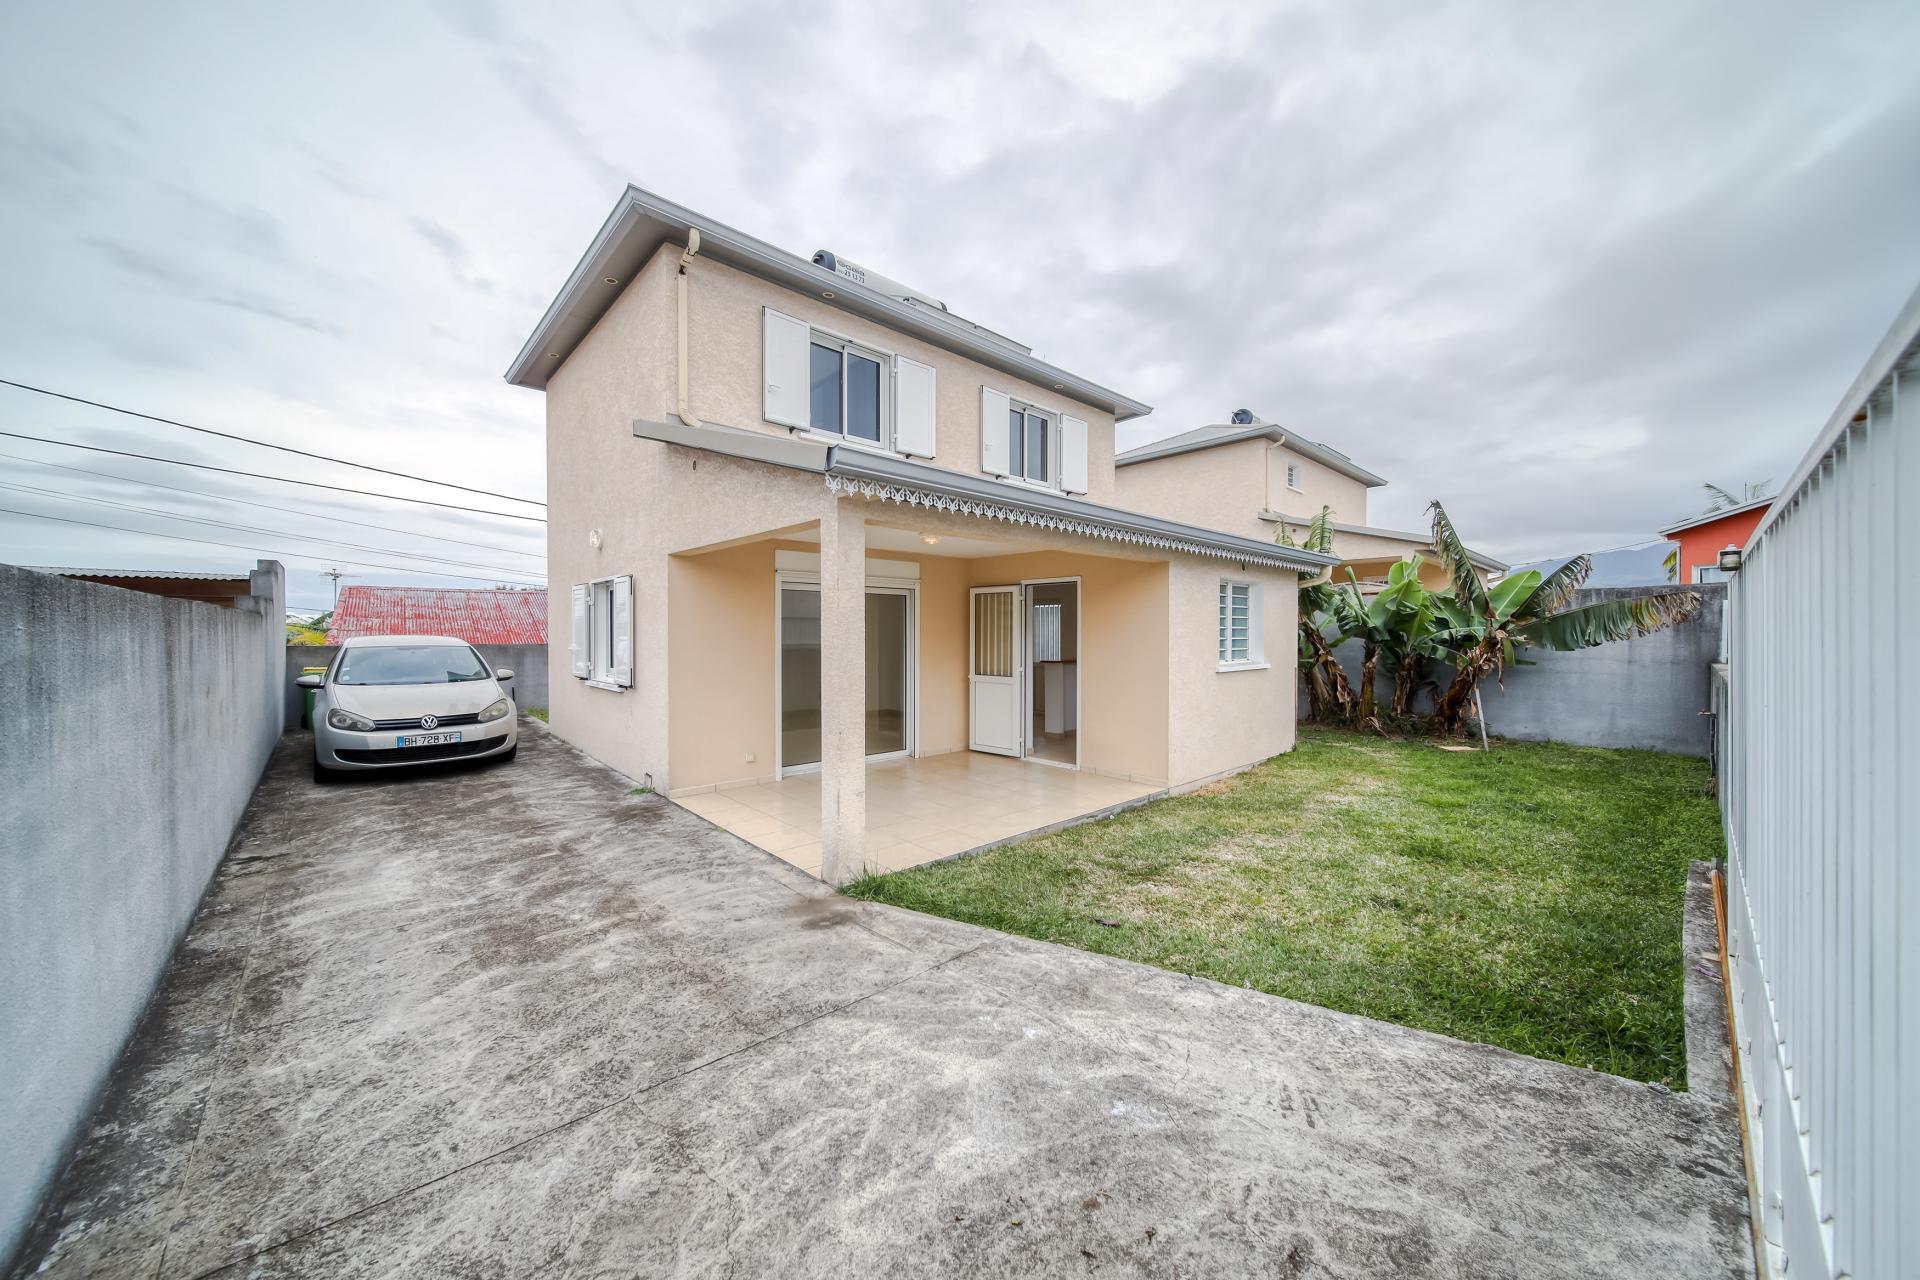 Maison 3 chambres - Ligne des 400 - Saint Pierre (Réunion)